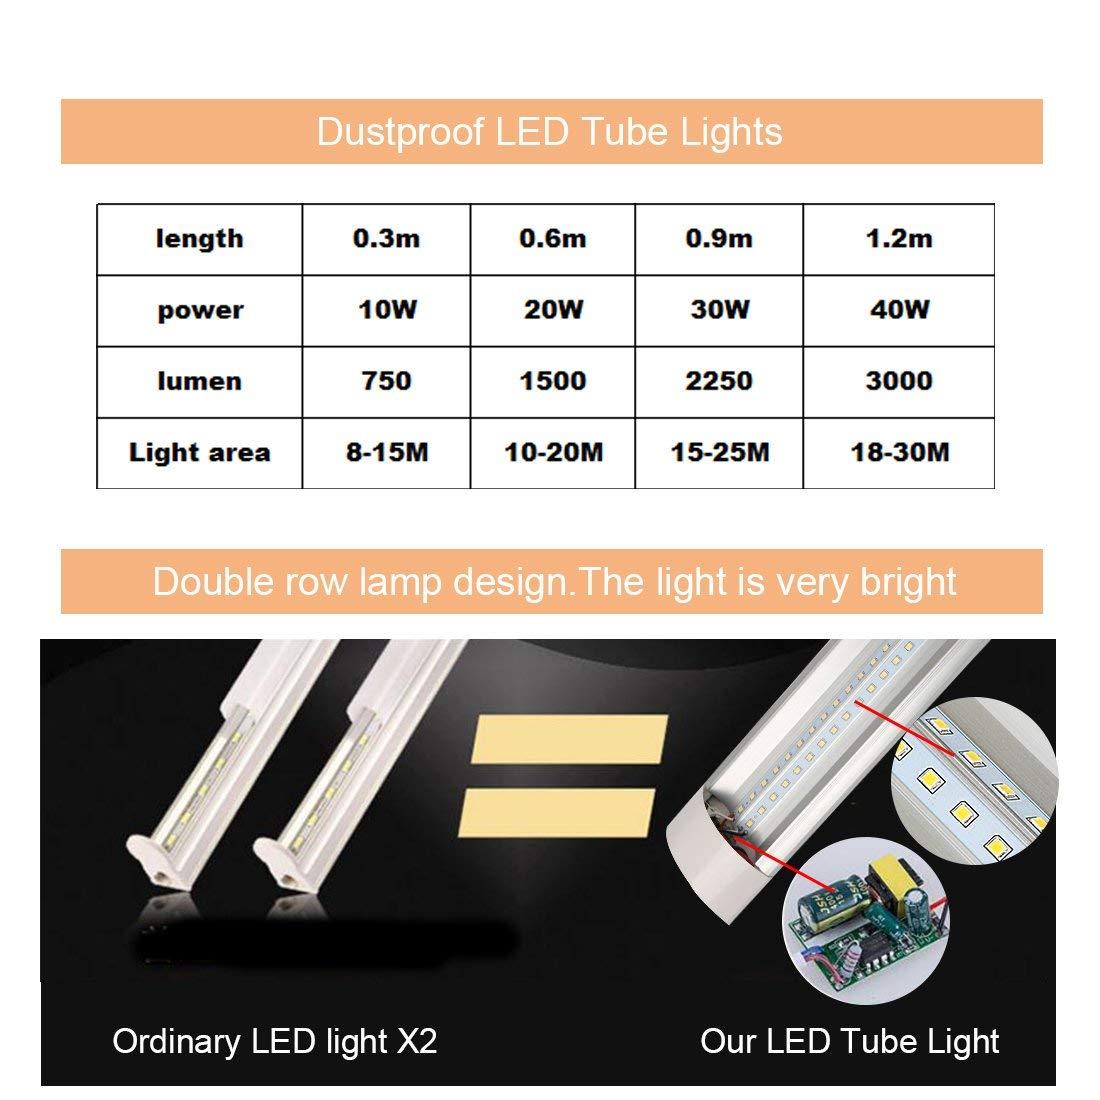 LED Tube Light 1FT Batten Light Fixture Tube Lamp Super Bright 6500K Daylight White Fluorescent Tube Workshop Lighting for Bathroom Balcony Hallway Living Room 4pcs